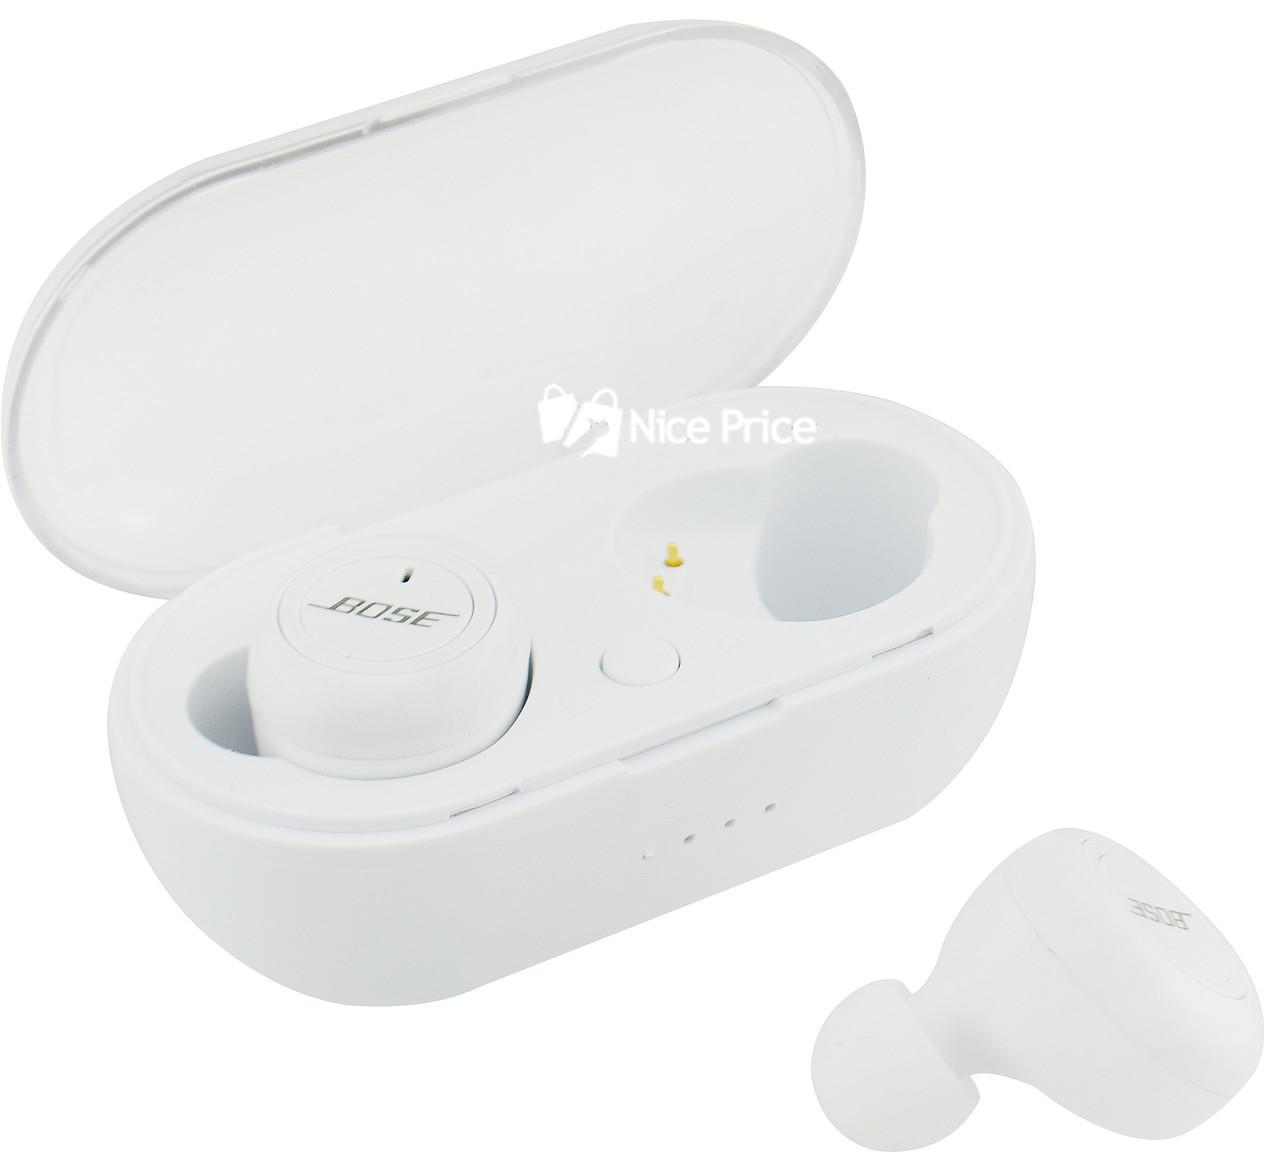 Беспроводные наушники c боксом Bose TWS-02 White (13699)